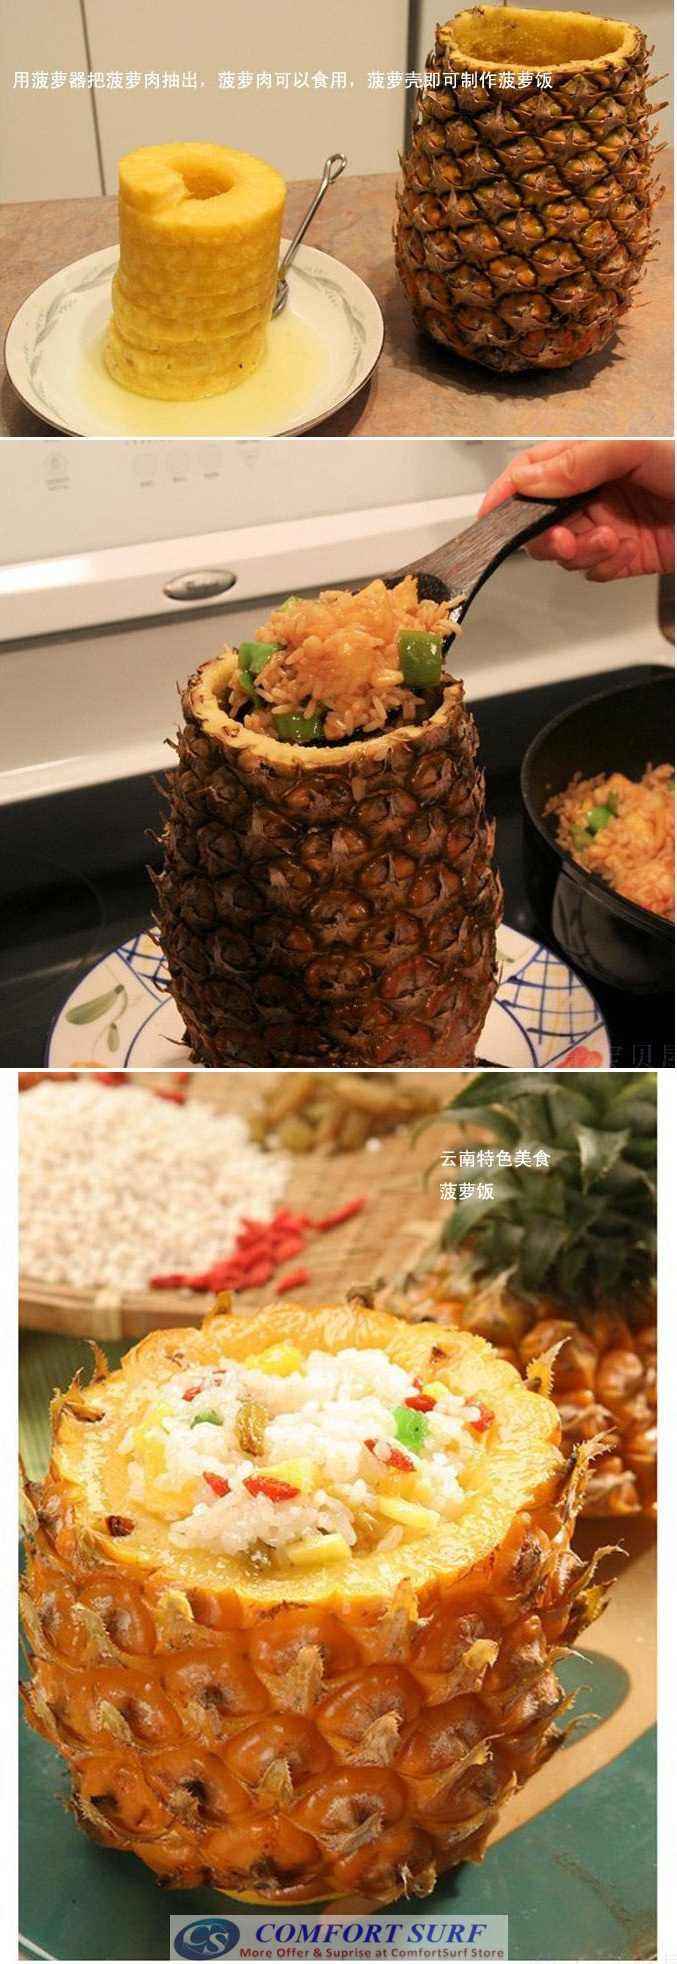 Easy Slicer / Peeler / Cutter Pineapple Fruit Corer